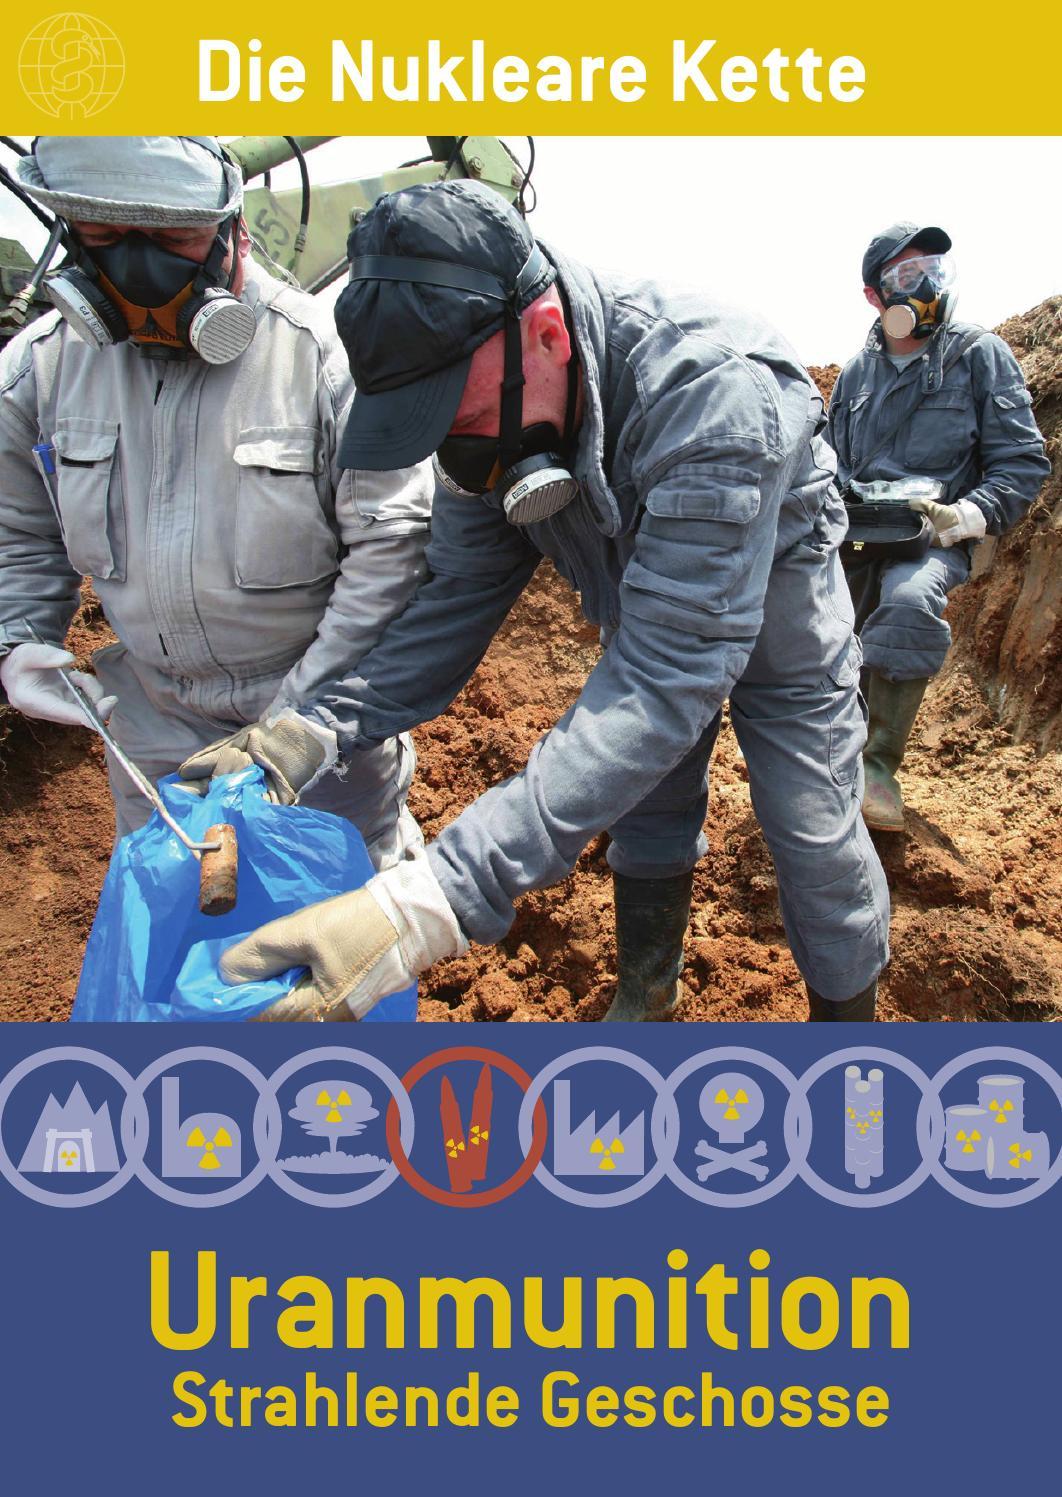 uranmunition strahlende geschosse  ippnw issuu